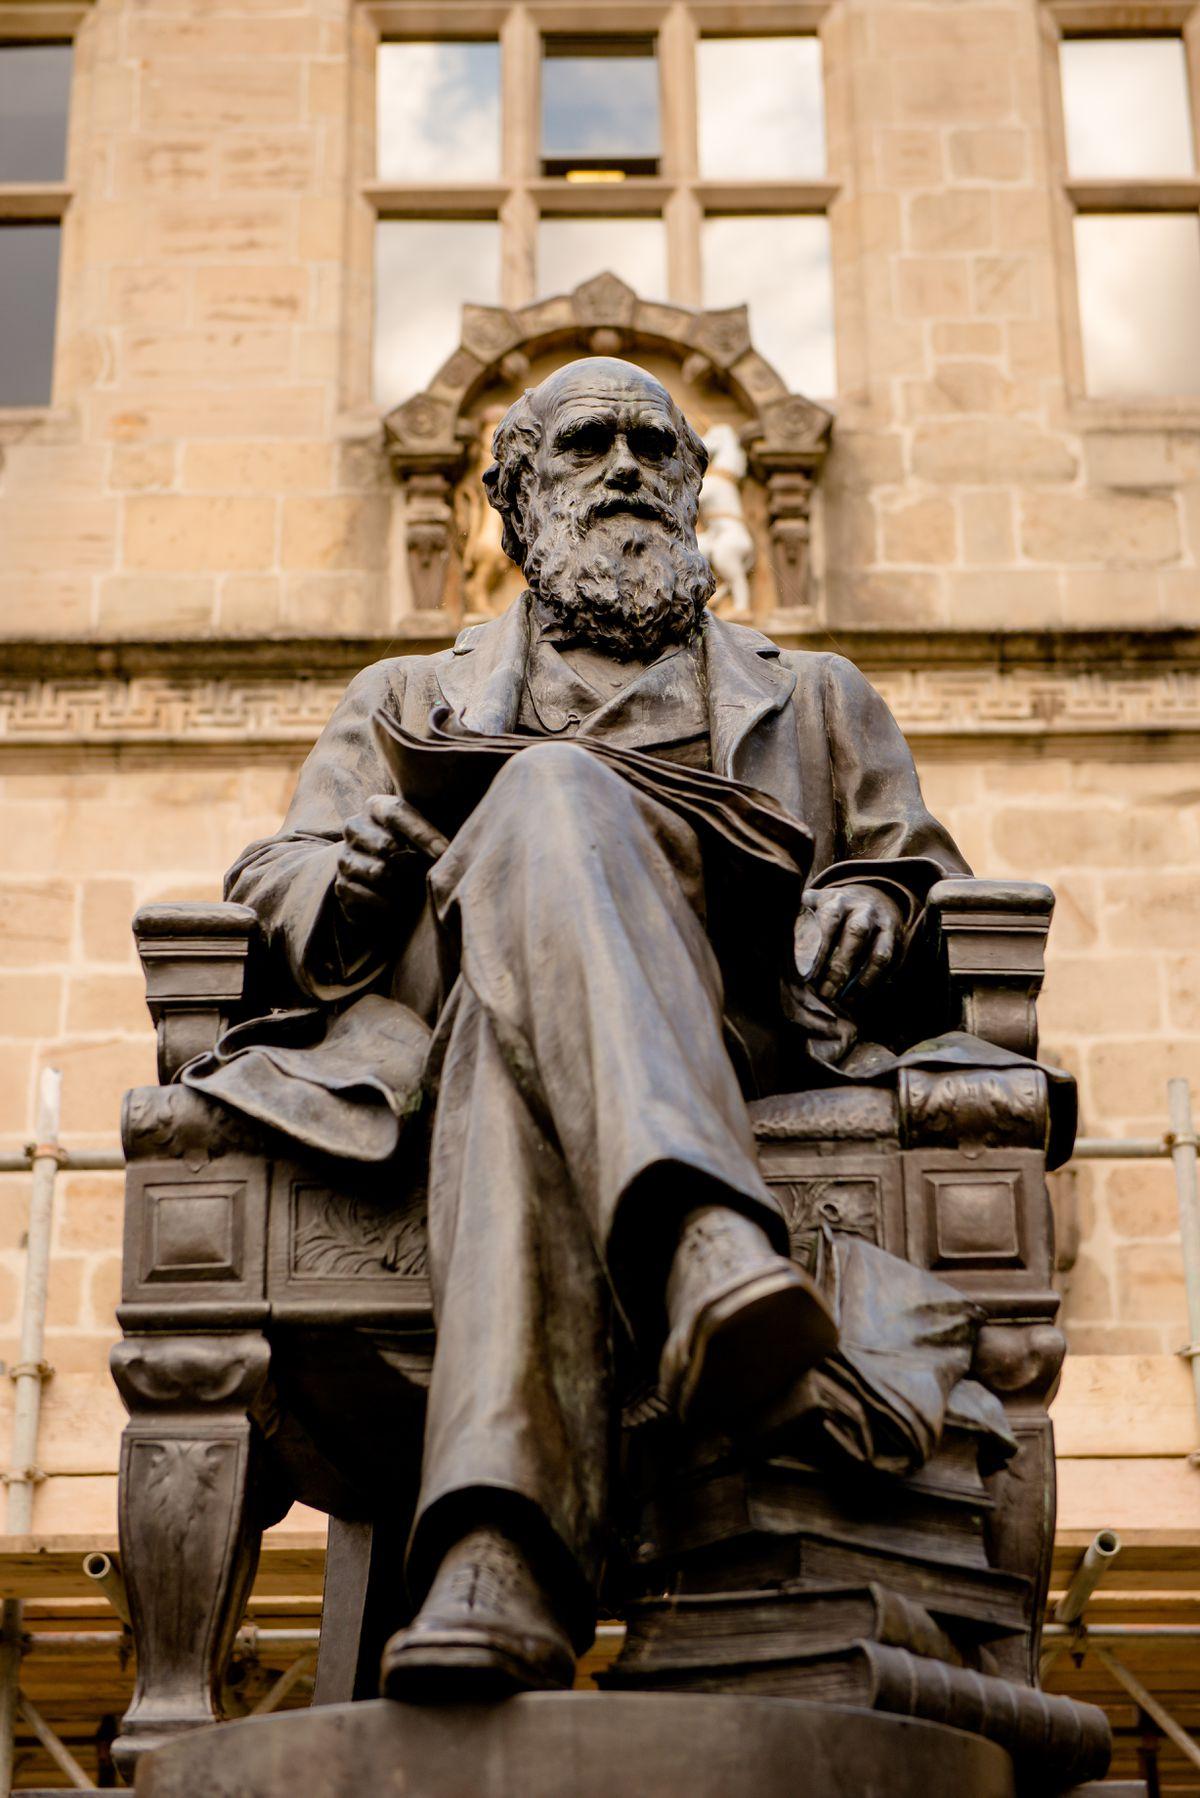 The Charles Darwin statue in Shrewsbury